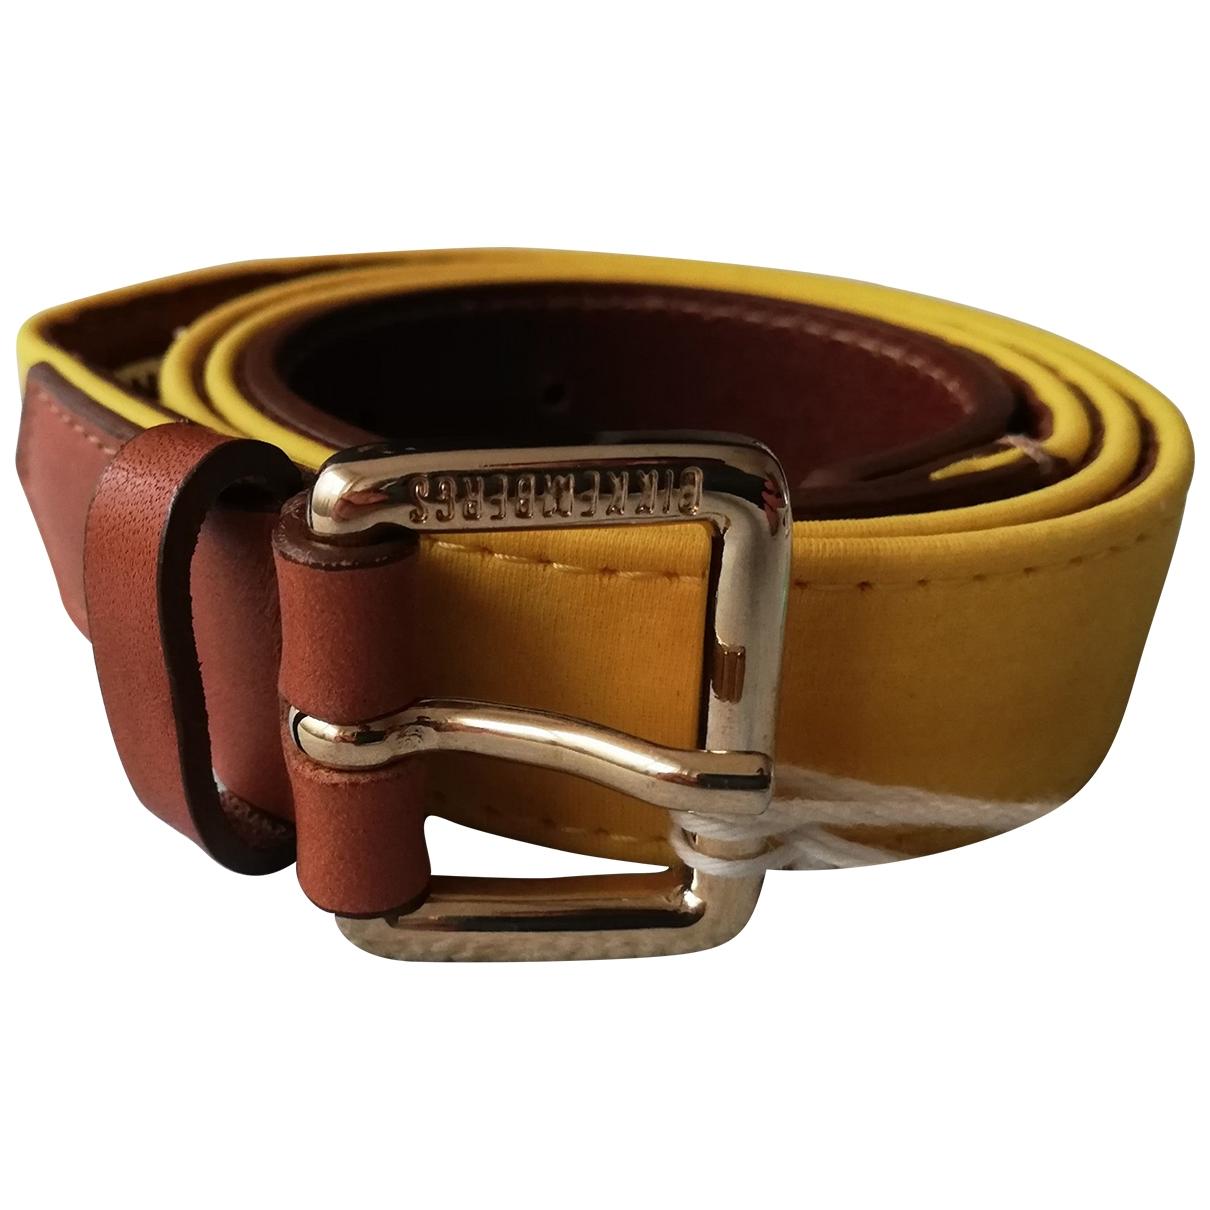 Cinturon de Cuero Dirk Bikkembergs